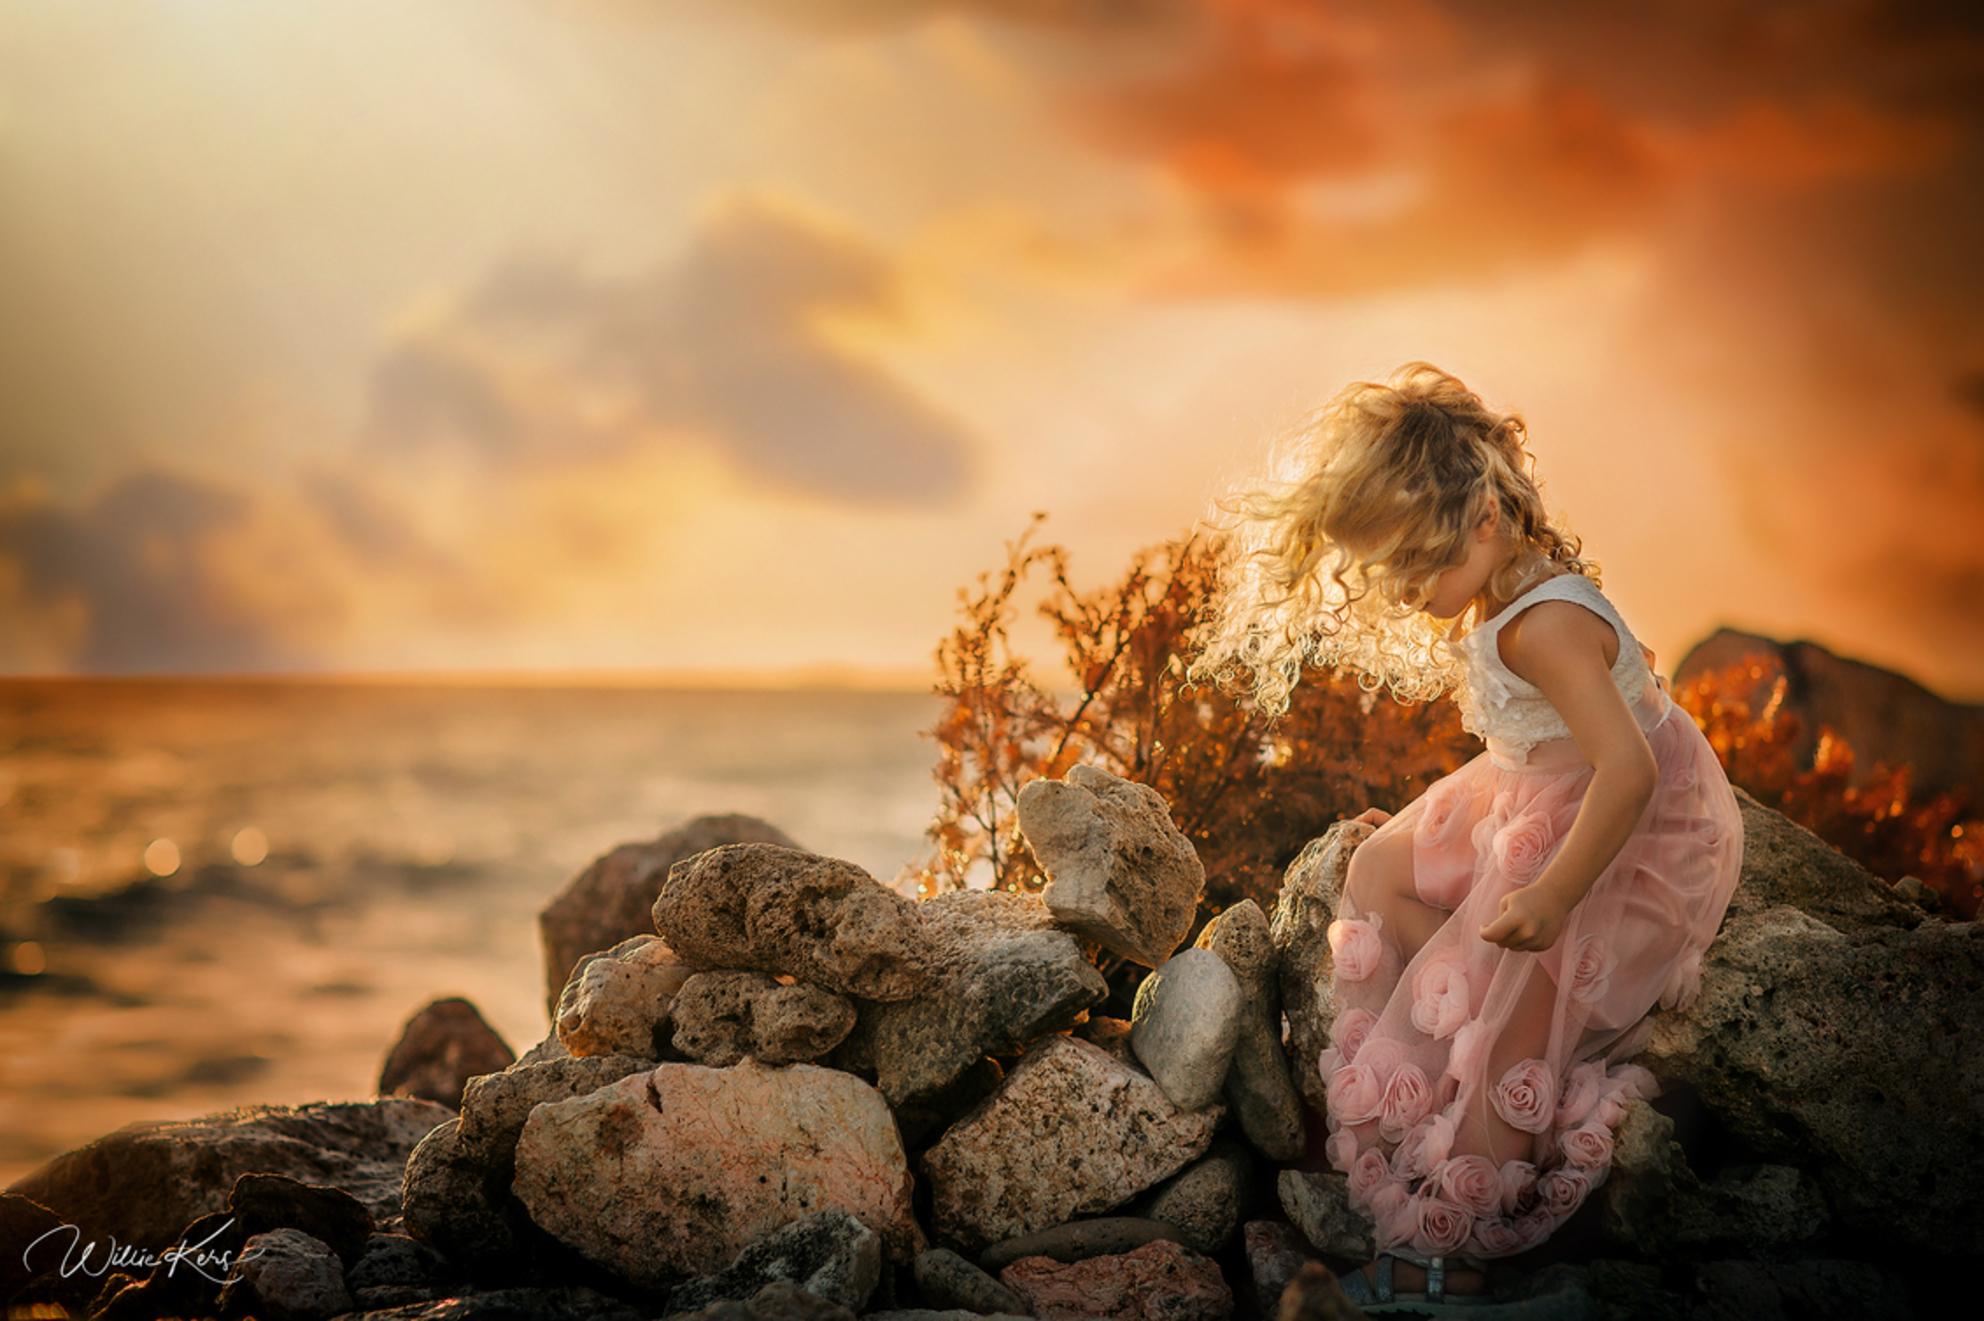 Goudlokje - Hoewel het op dit moment winter is in Nederland, is het aan de andere kant van de aarde zomer! Deze foto heb ik vorige week gemaakt op Curacao. En wa - foto door WillieK op 02-02-2019 - deze foto bevat: lucht, zon, strand, zee, licht, zonsondergang, vakantie, portret, tegenlicht, zomer, daglicht, kind, haar, meisje, glamour, blond, curacao, bokeh, fine art